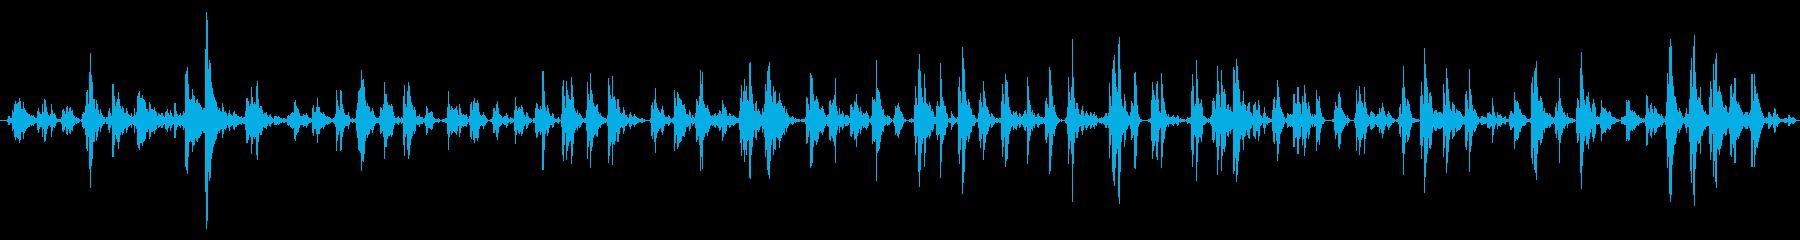 大きくて重いスリーベル:長いスロー...の再生済みの波形